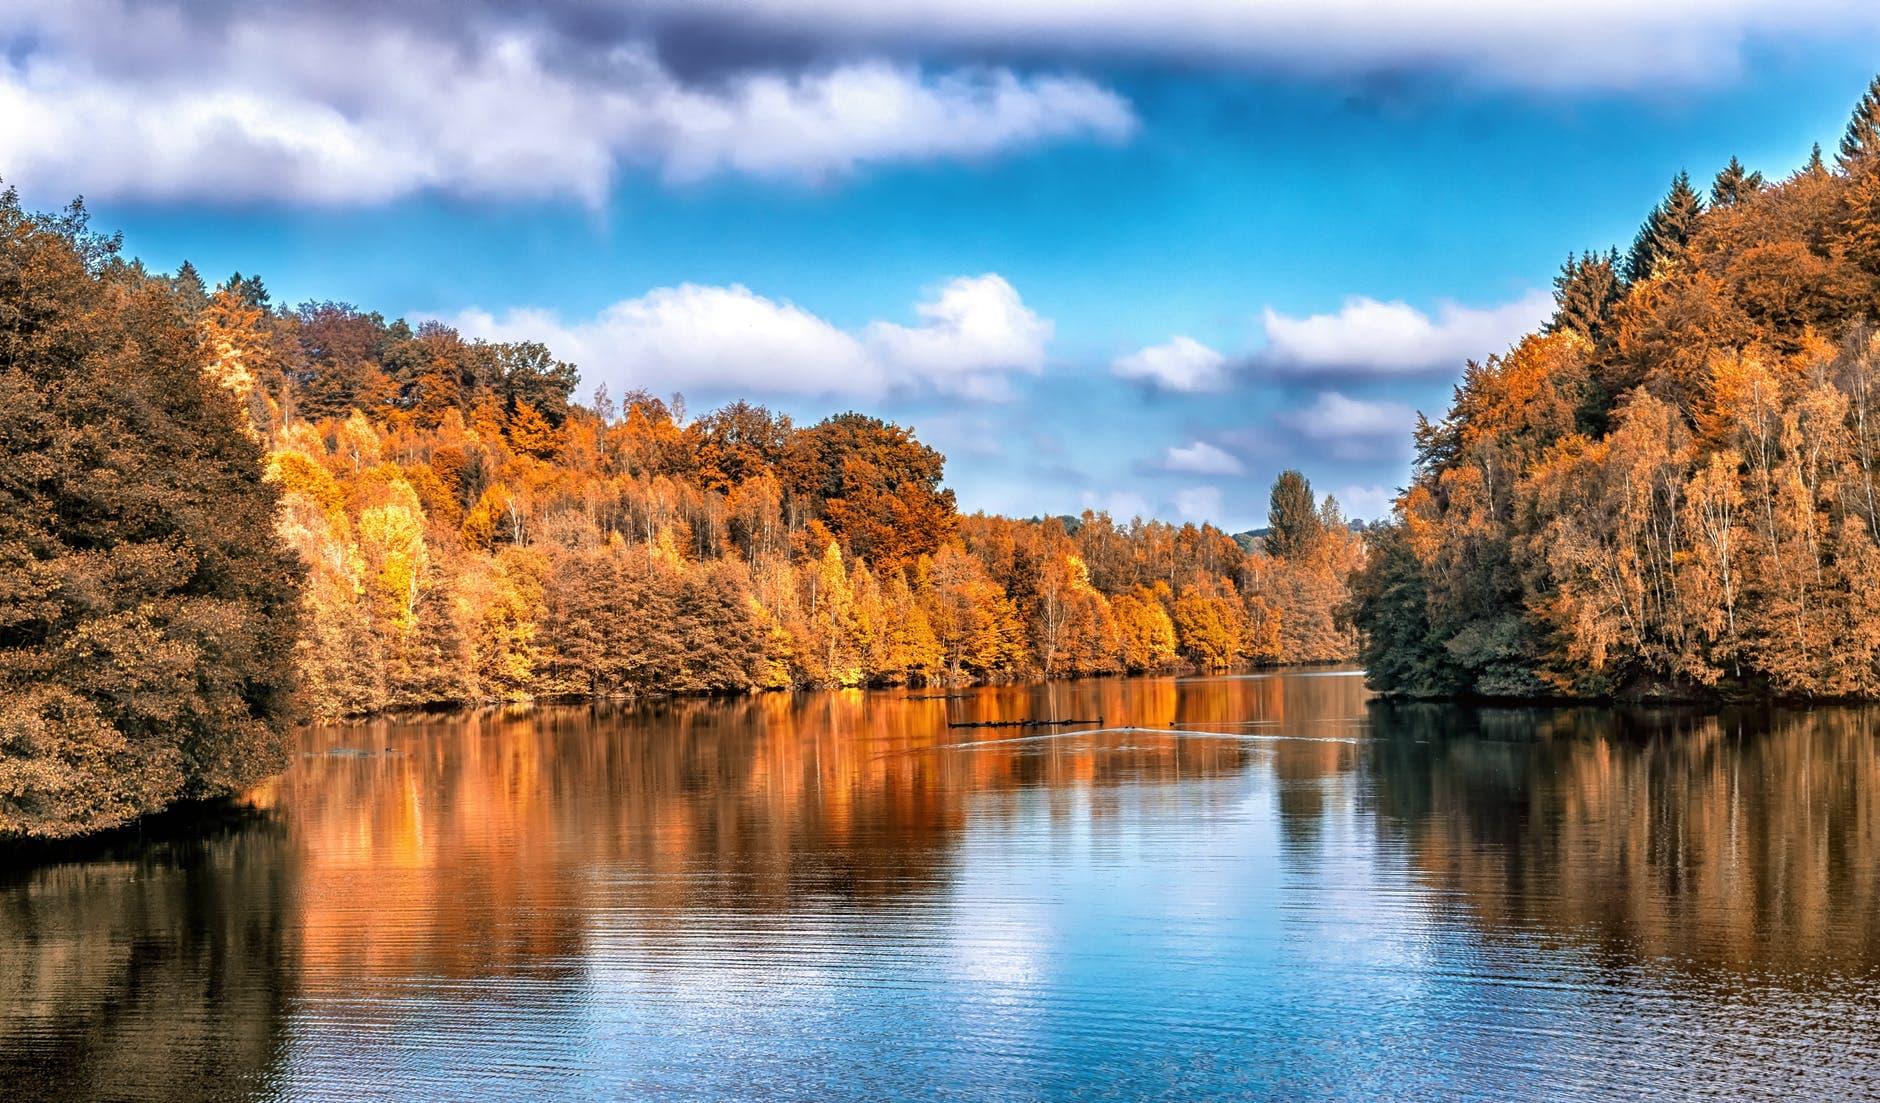 fall design stock photo landscape